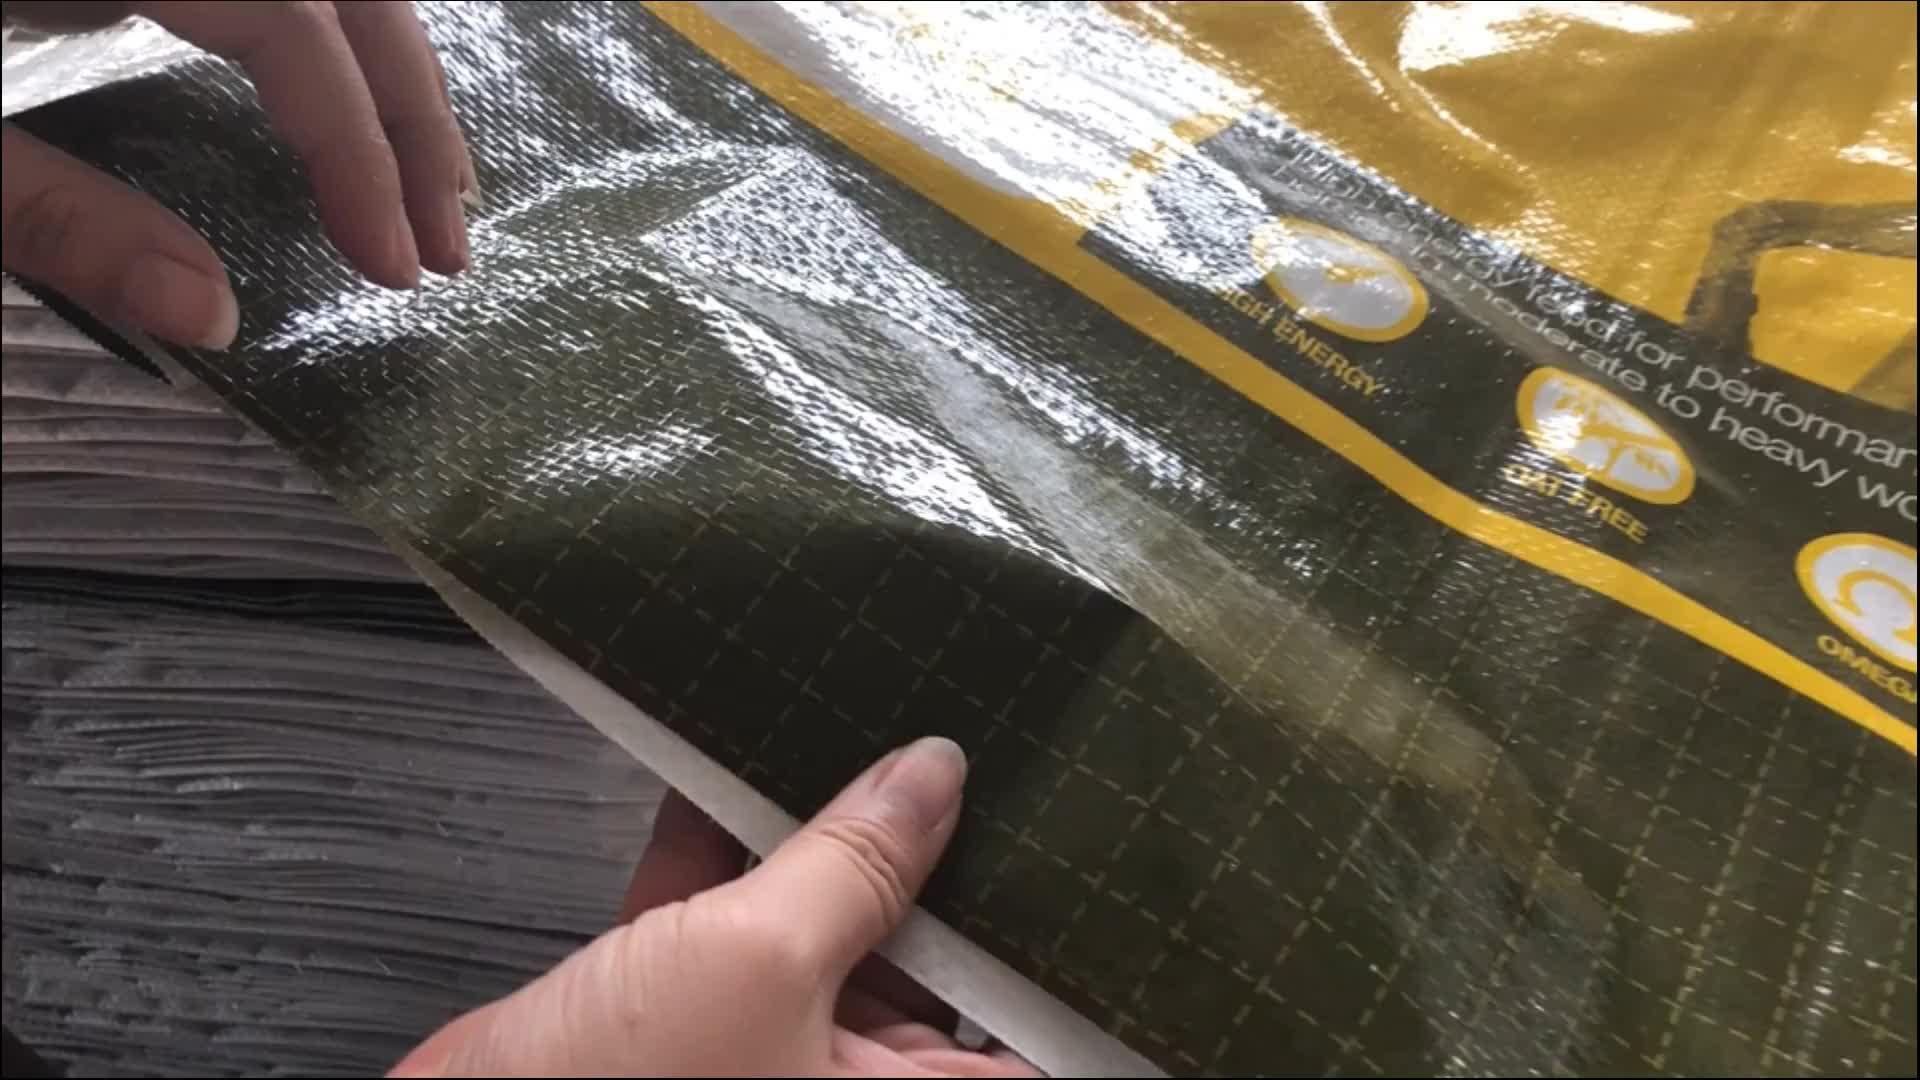 गर्म बिक्री प्लास्टिक बुना बैग लेपित बुना polypropylene बैग पीपी बैग 25 kg नई